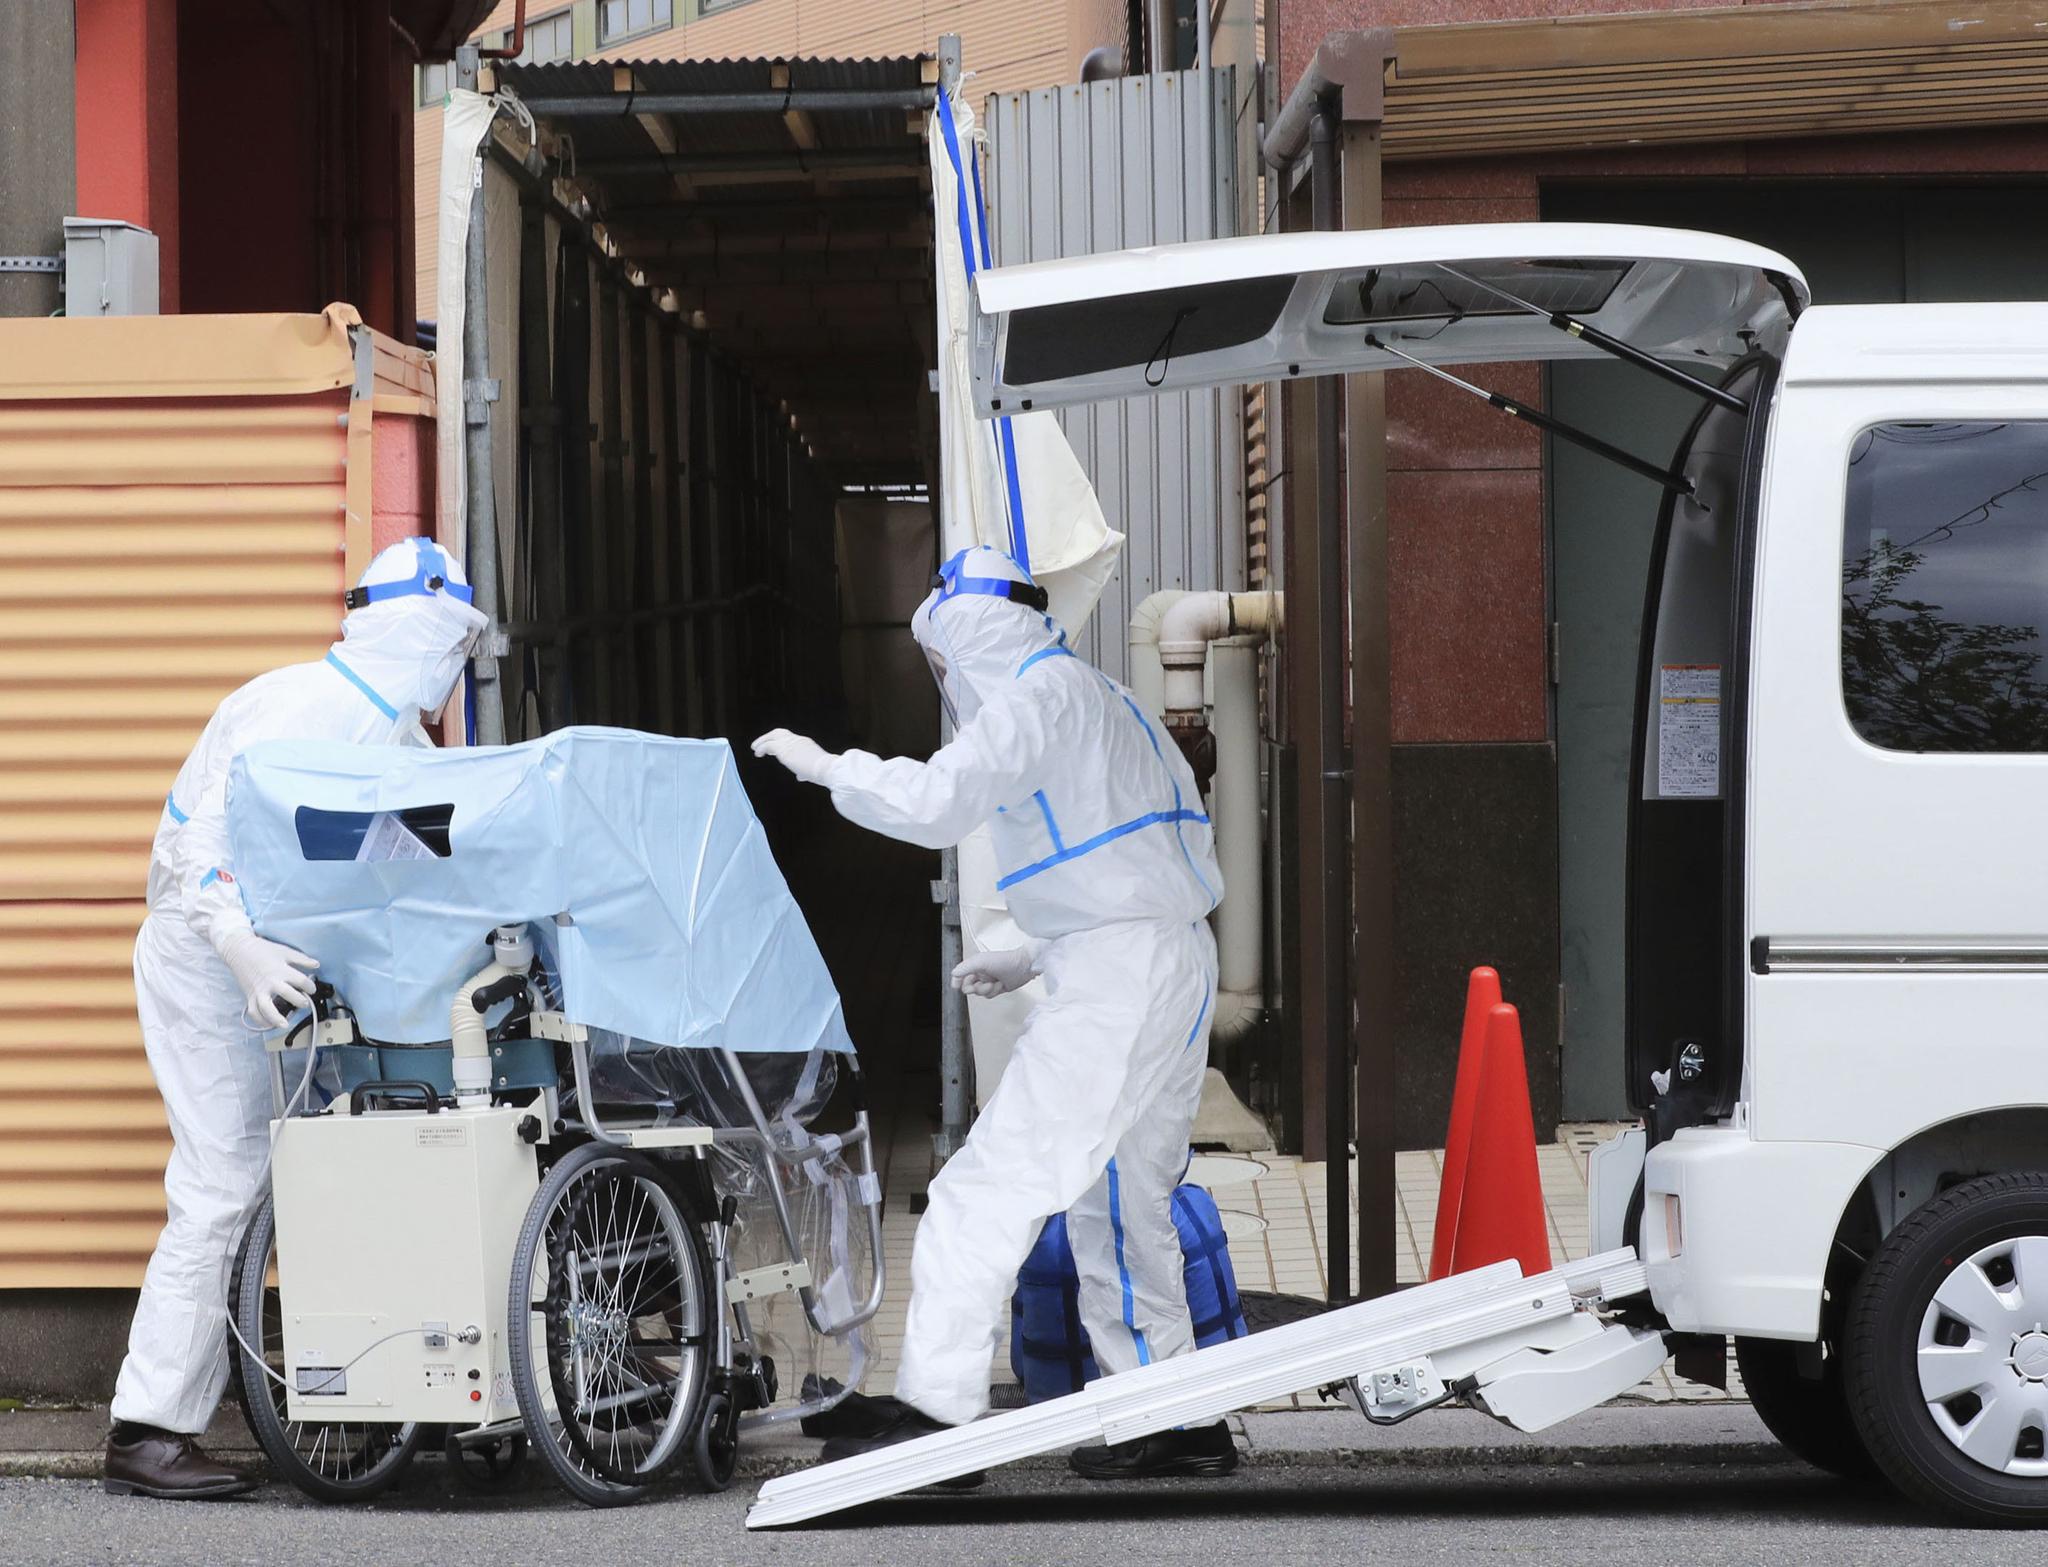 지난 21일 일본 기후현 하시마시에서 보건 당국자들이 신종 코로나바이러스 감염증(코로나19) 환자를 호텔로 이송하고 있다.   일본은 병상 부족 문제를 해소하기 위해 경증 환자는 호텔 등에, 중증 환자는 의료기관에 수용하는 방안을 추진하고 있다. 연합뉴스